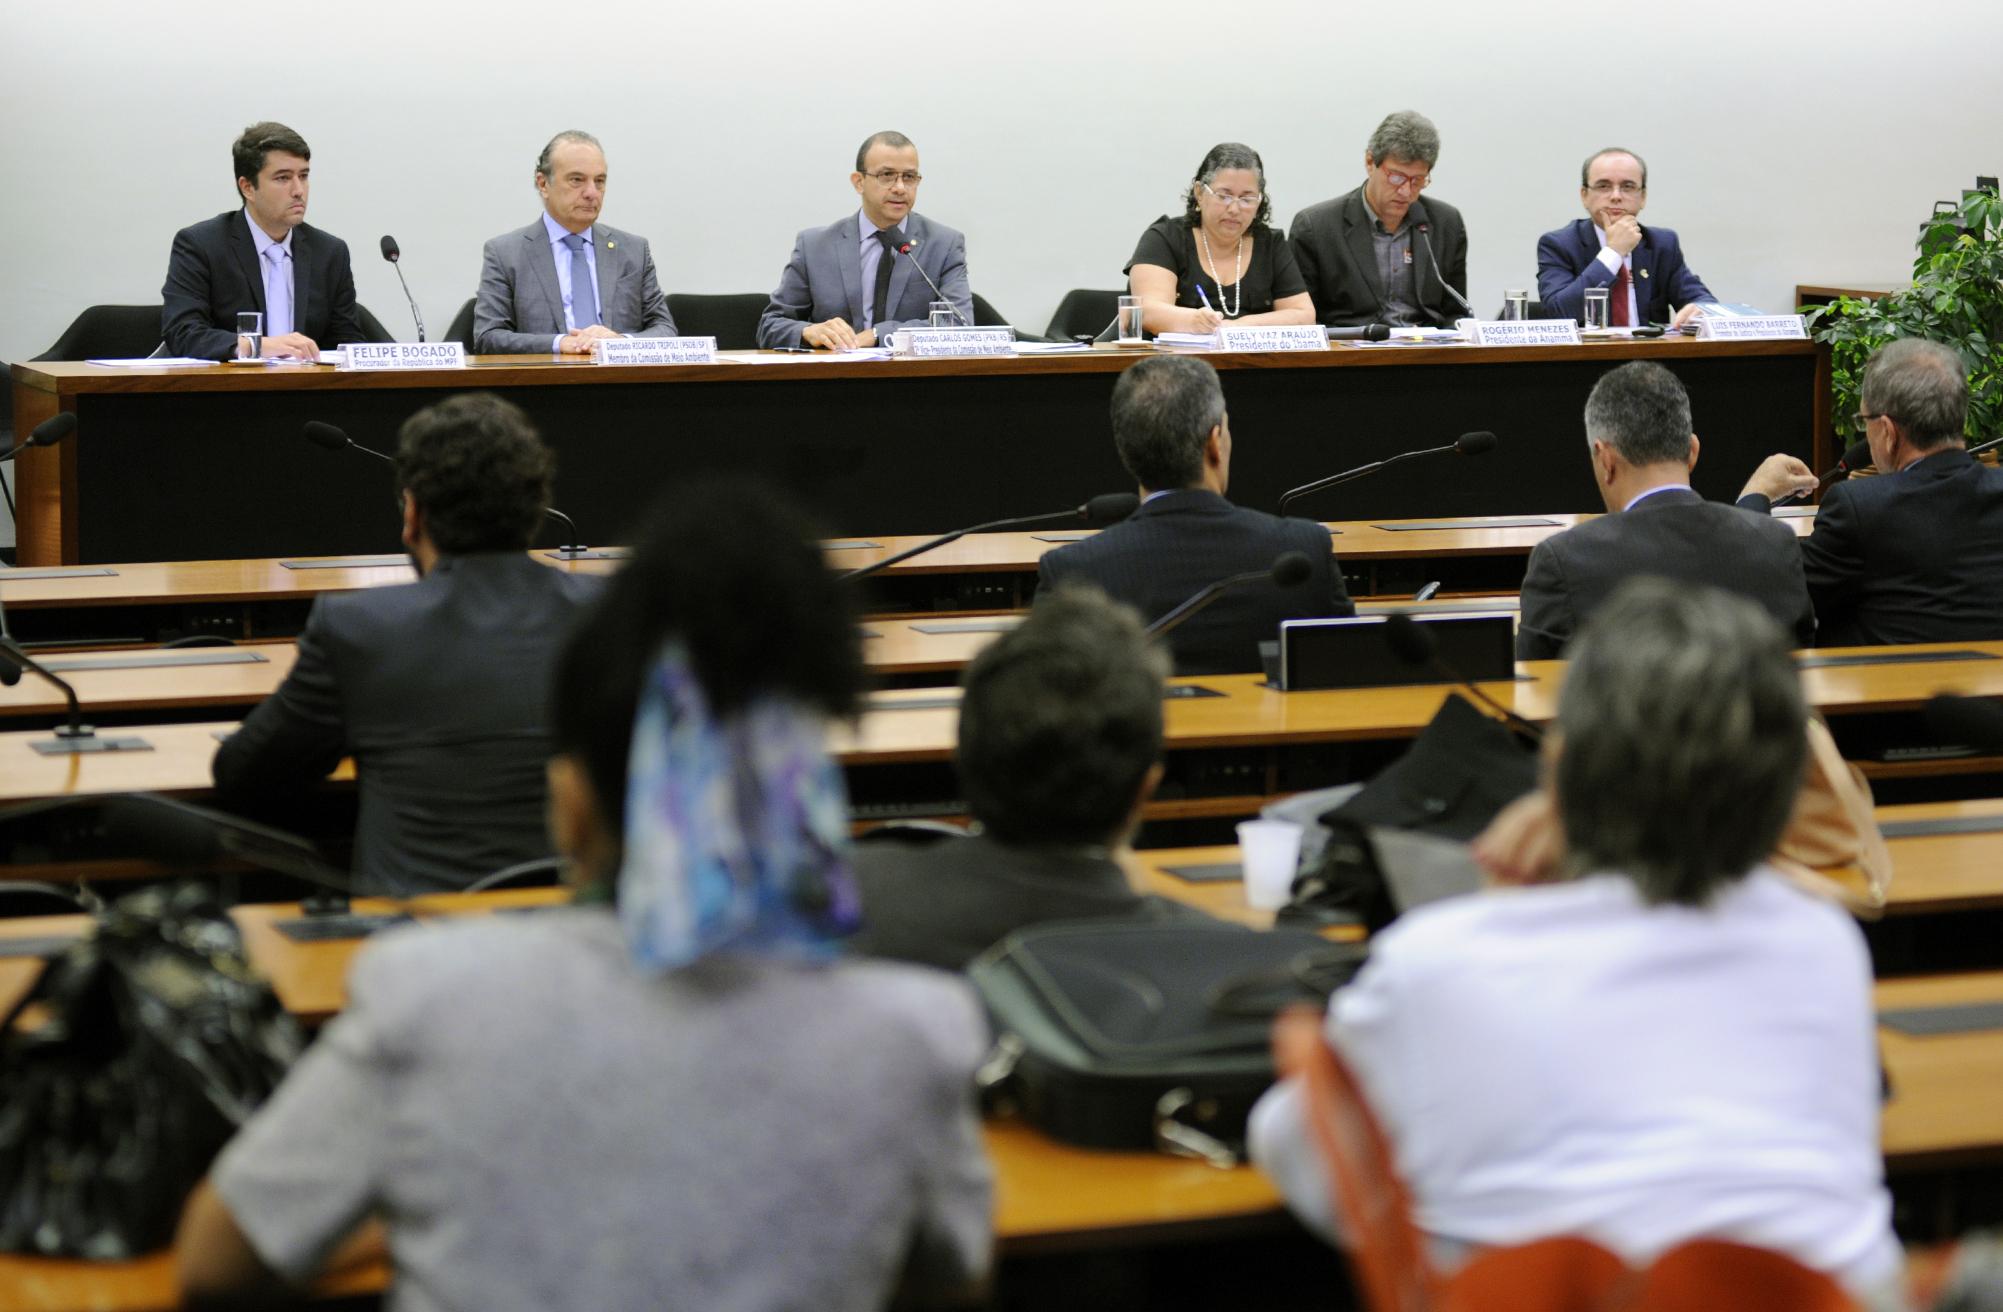 Audiência pública sobre o relatório da Comissão de Finanças e Tributação do PL 3729/04 sobre Licenciamento Ambiental